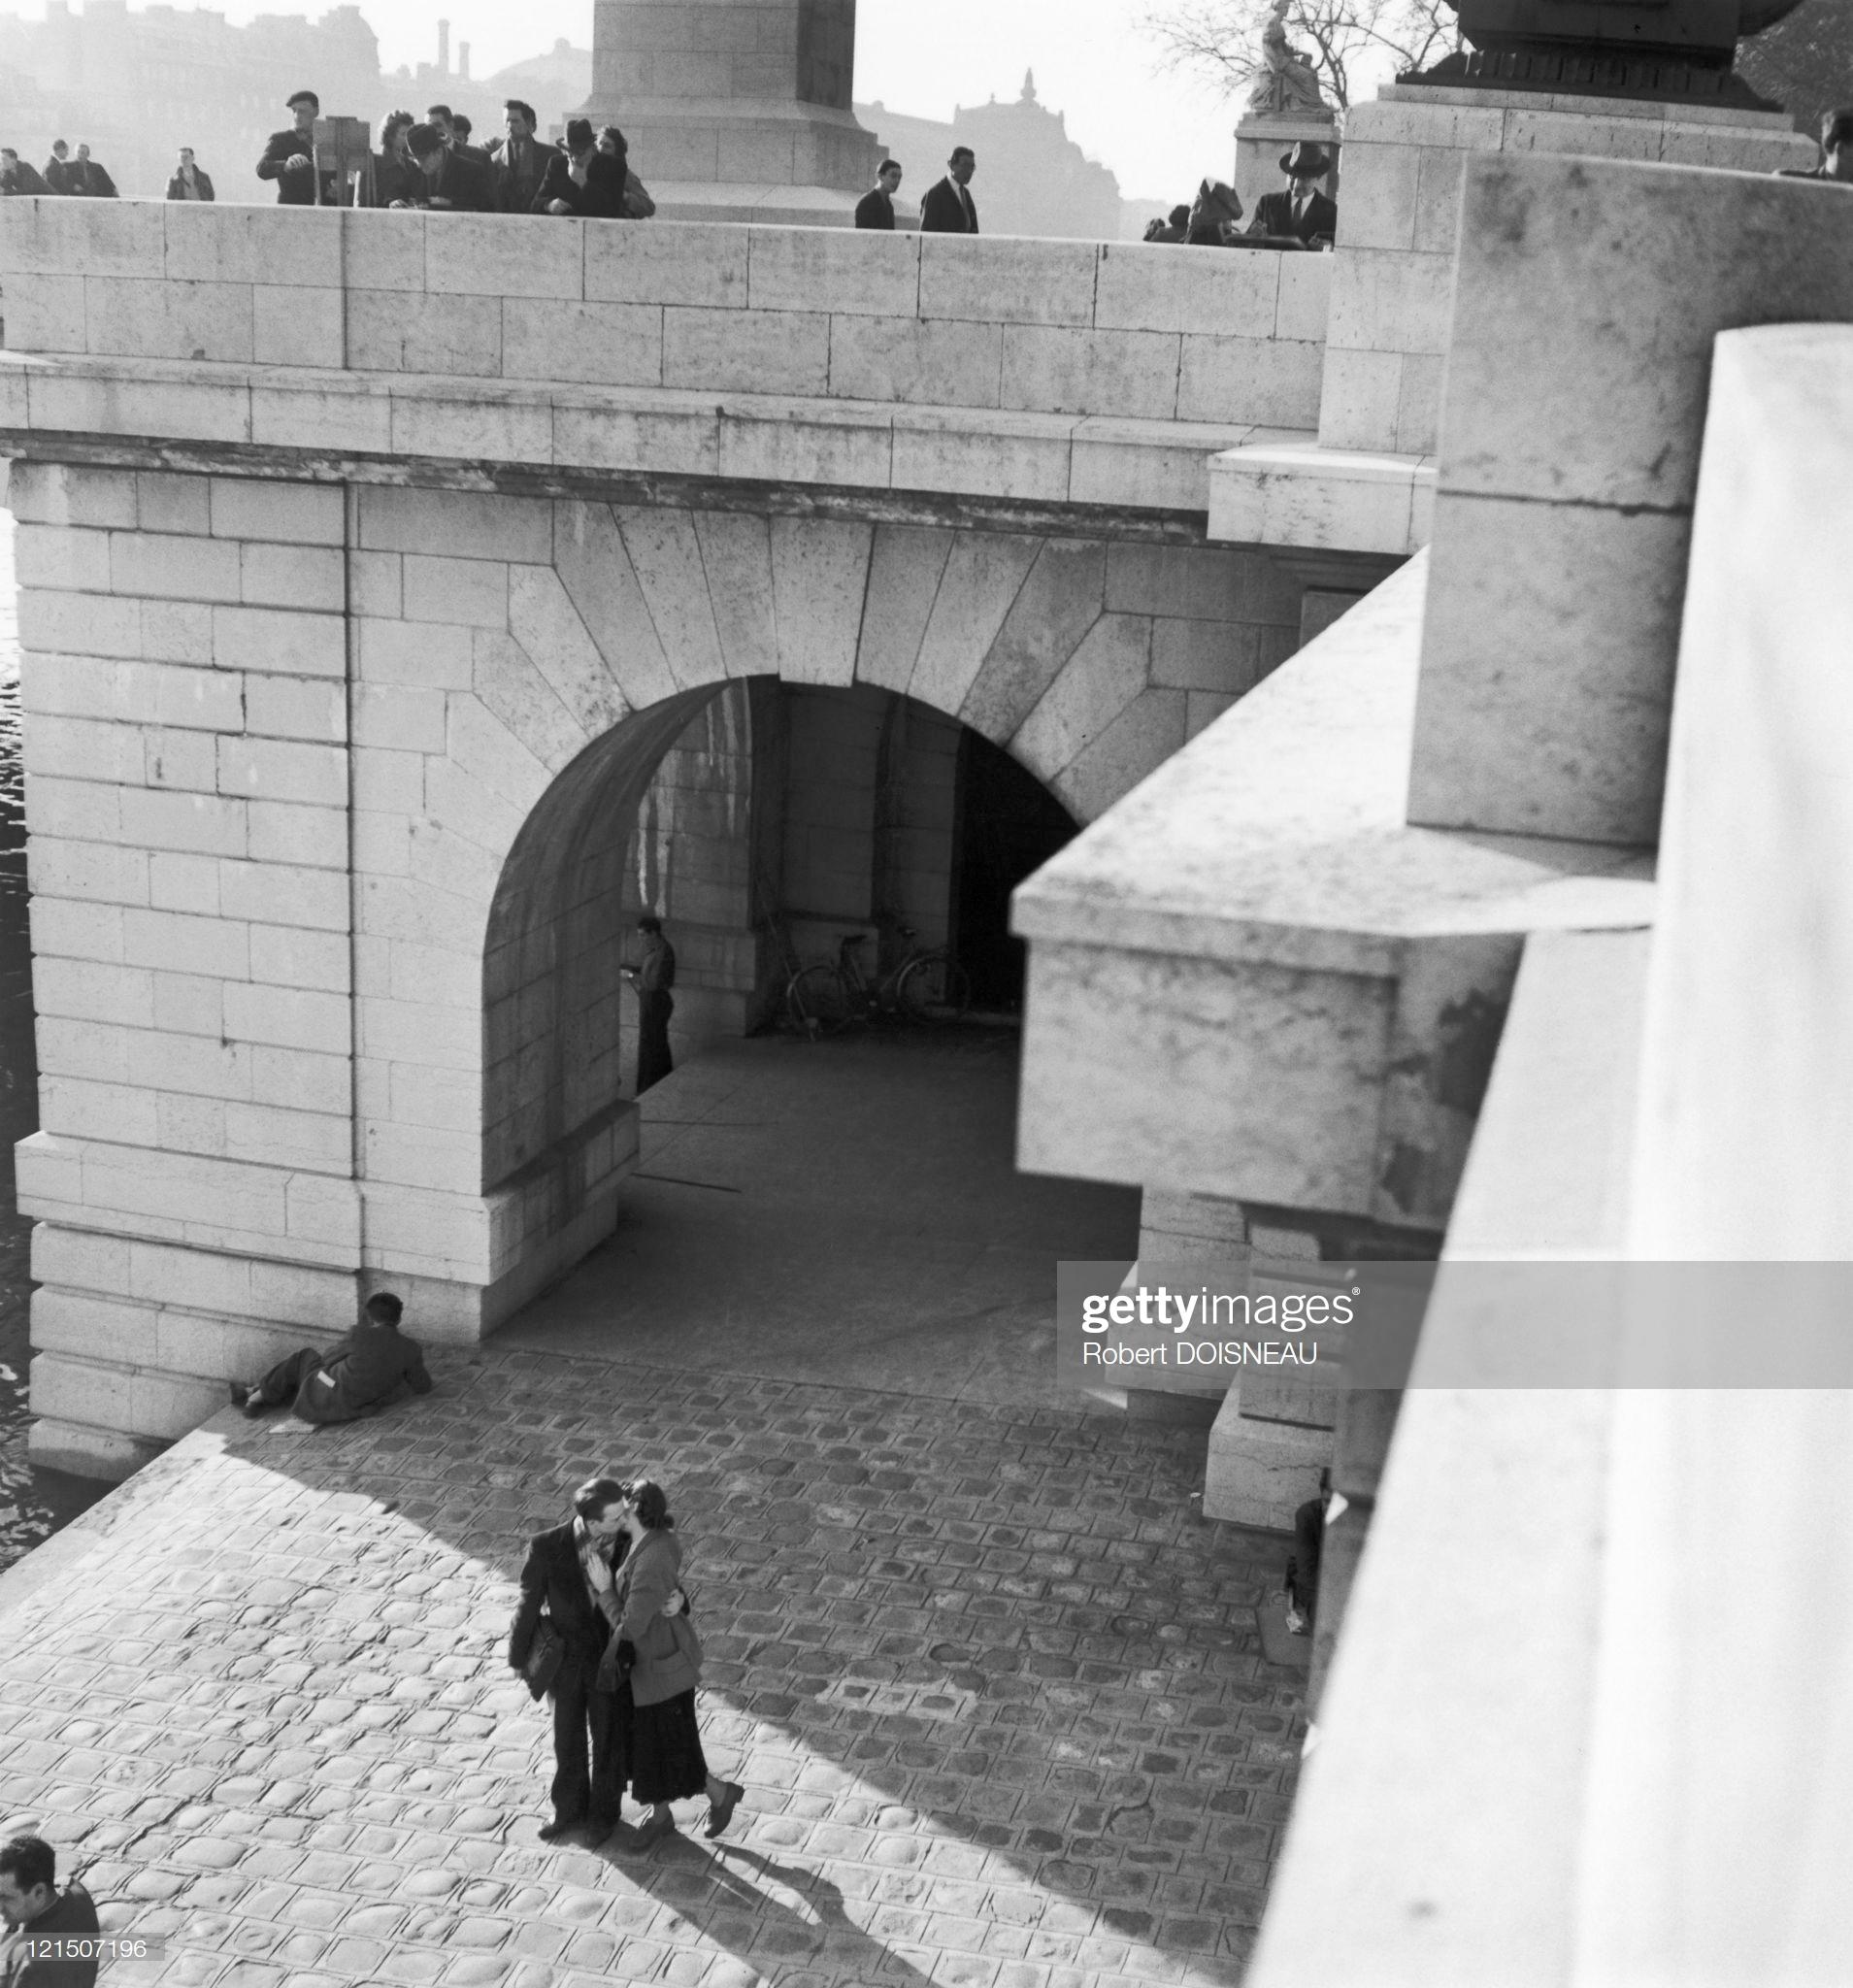 1950. Влюбленные в Пор де ла Турнель в Париже